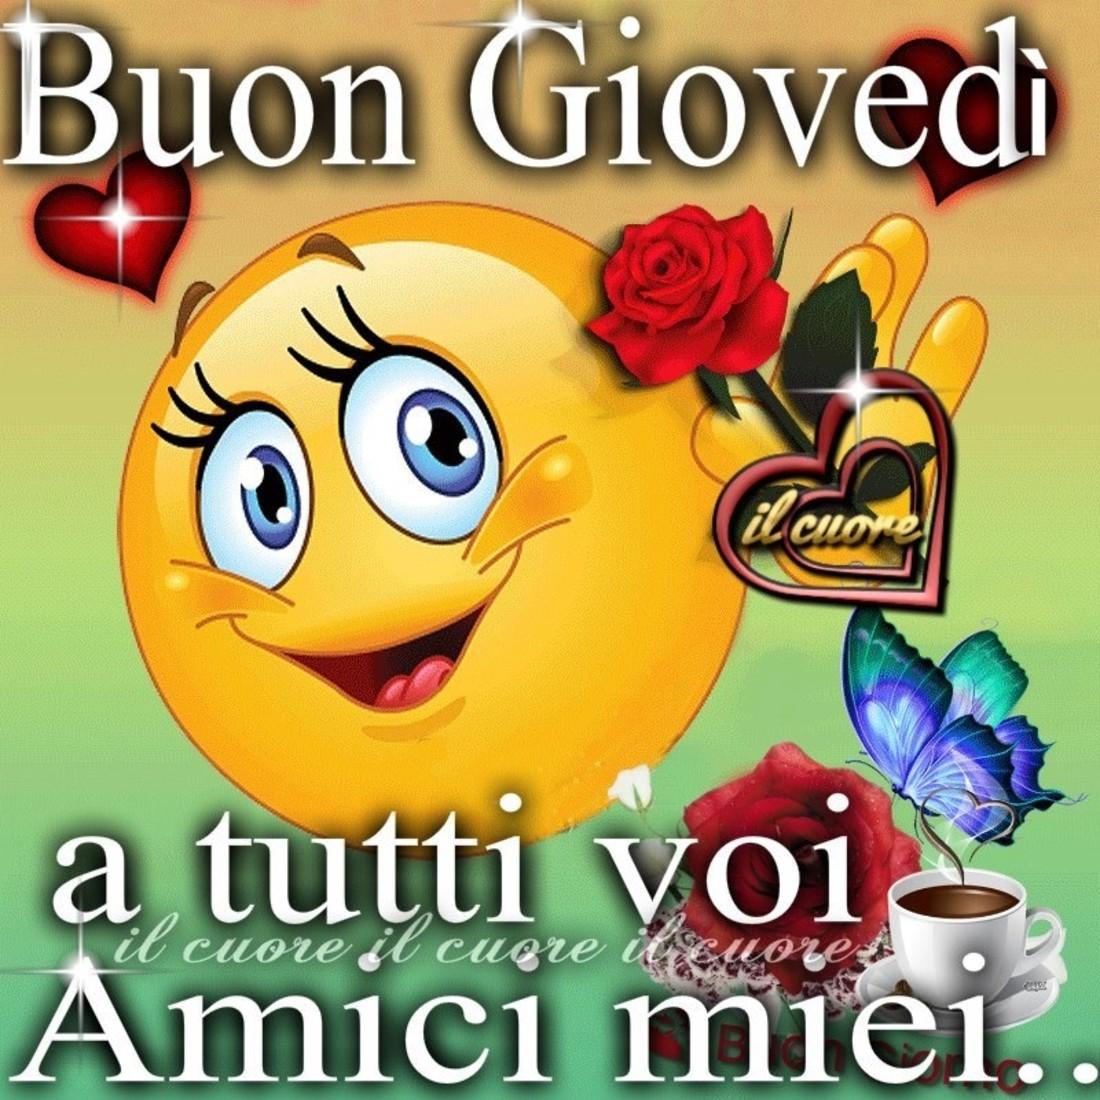 Buon Giovedi A Tutti Voi Amici Miei Buongiornoate It